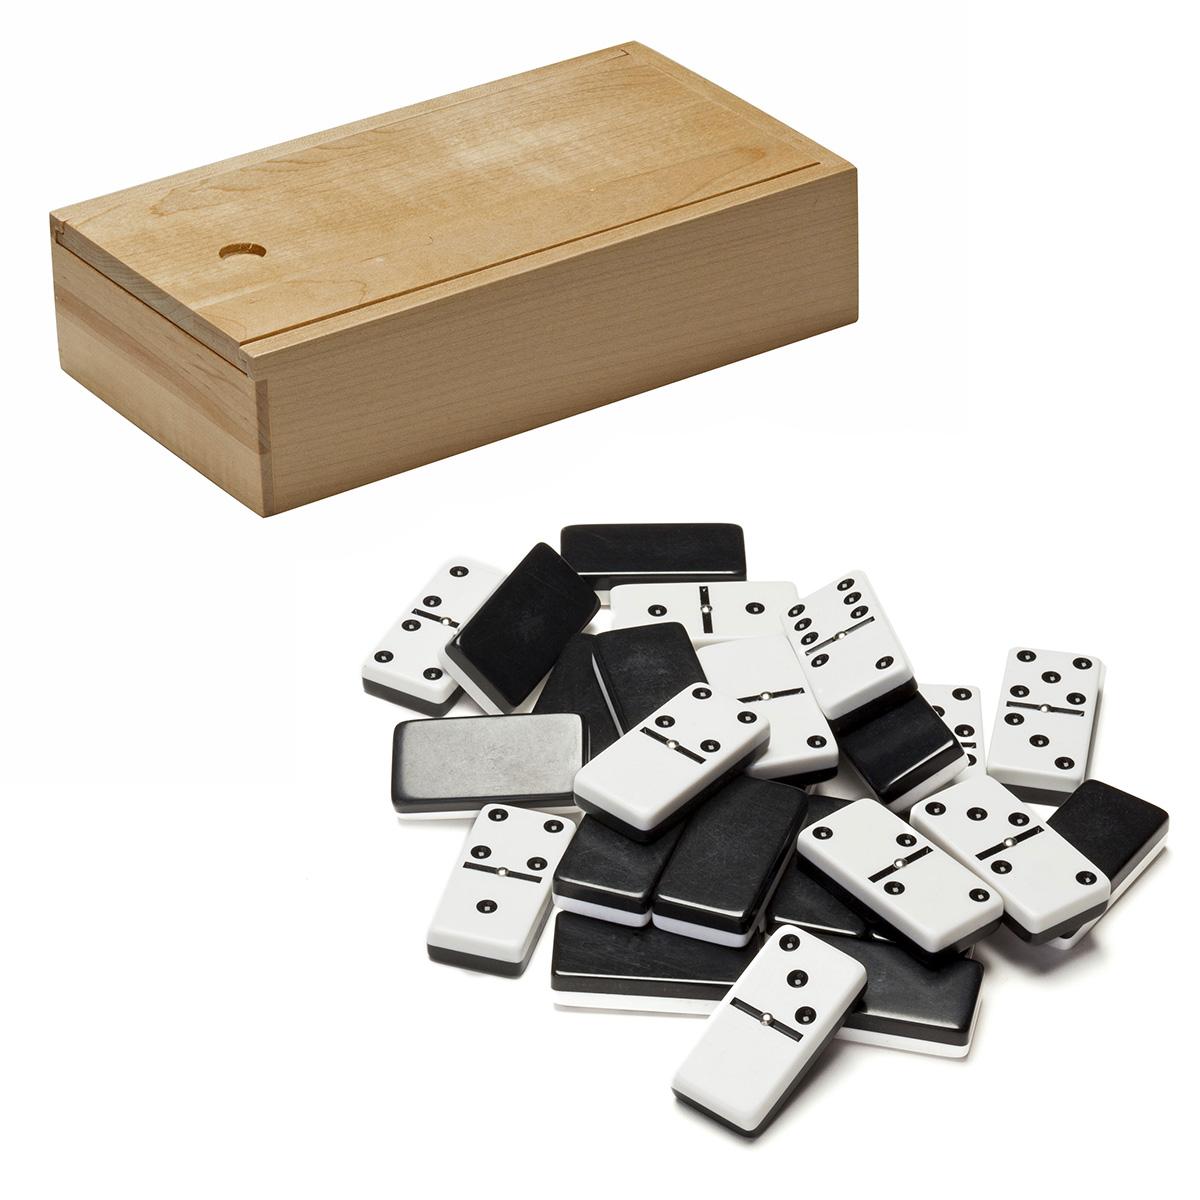 WE Games Double 6 Dominoes in Wooden Case